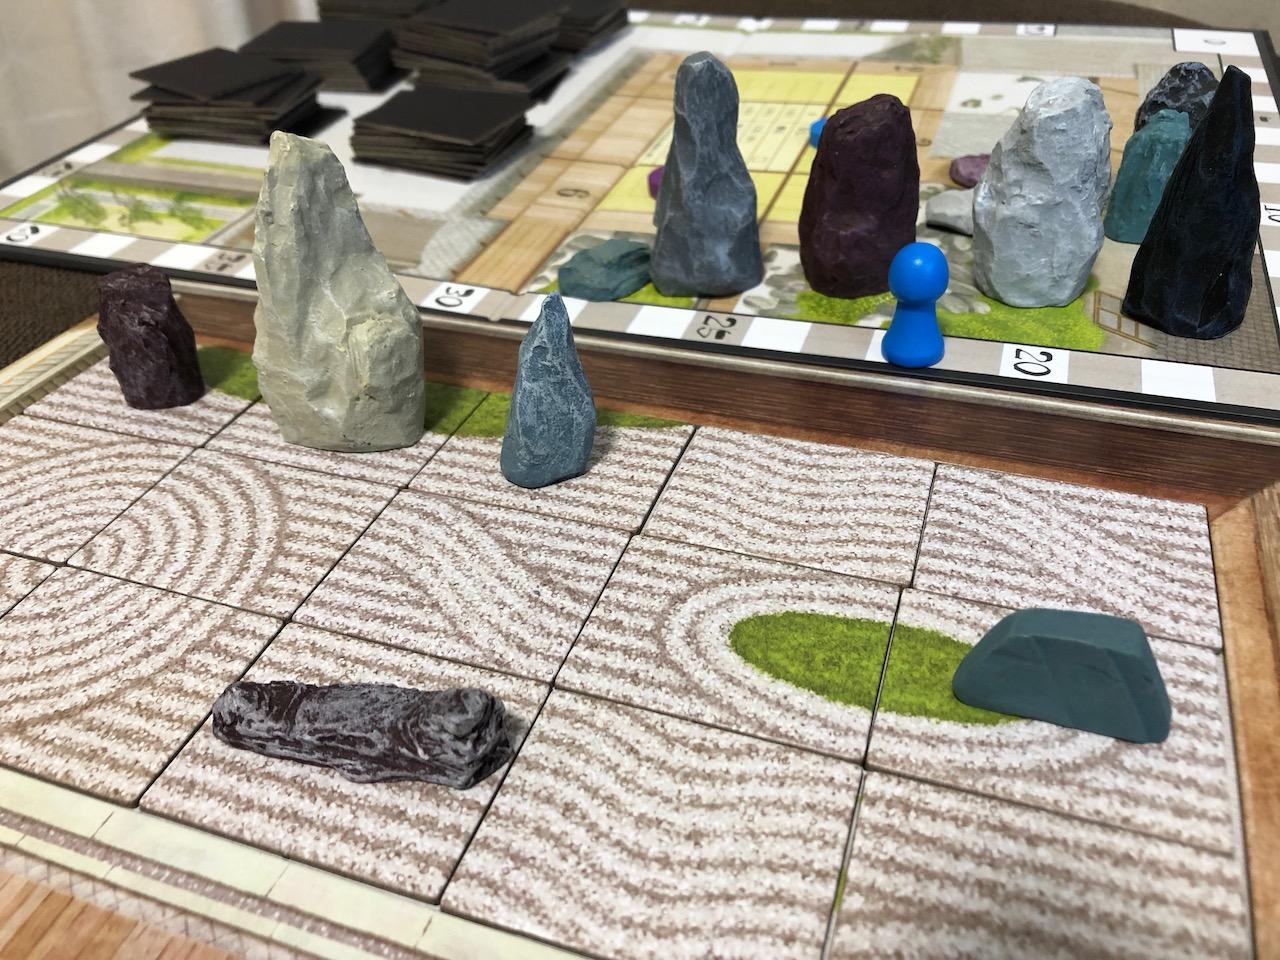 ボードゲーム「枯山水」の遊び方